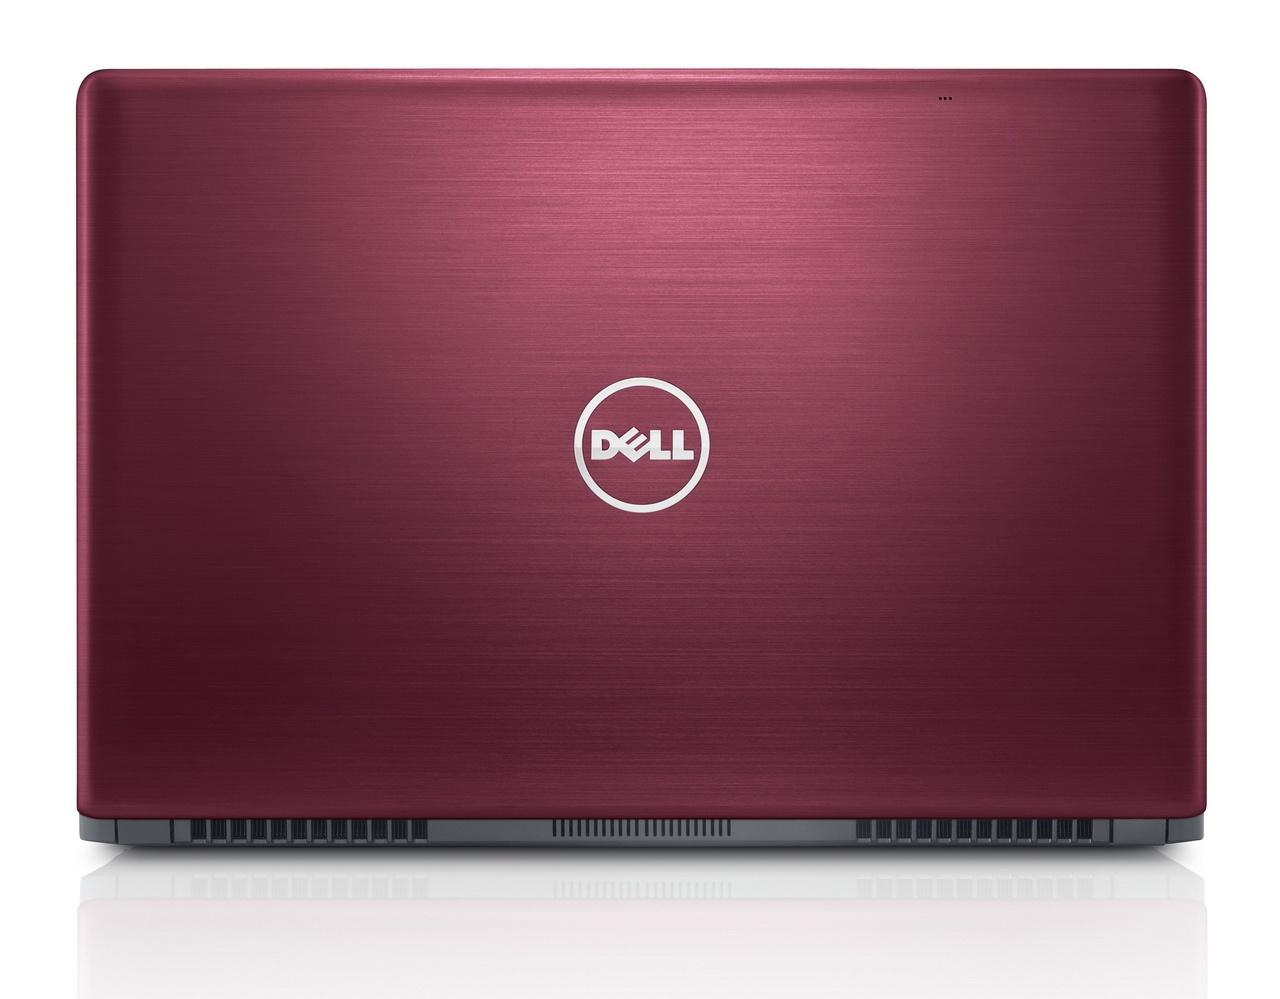 Ноутбук Dell Vostro 14 (5480): Хорошо сбалансированная доступность - 14